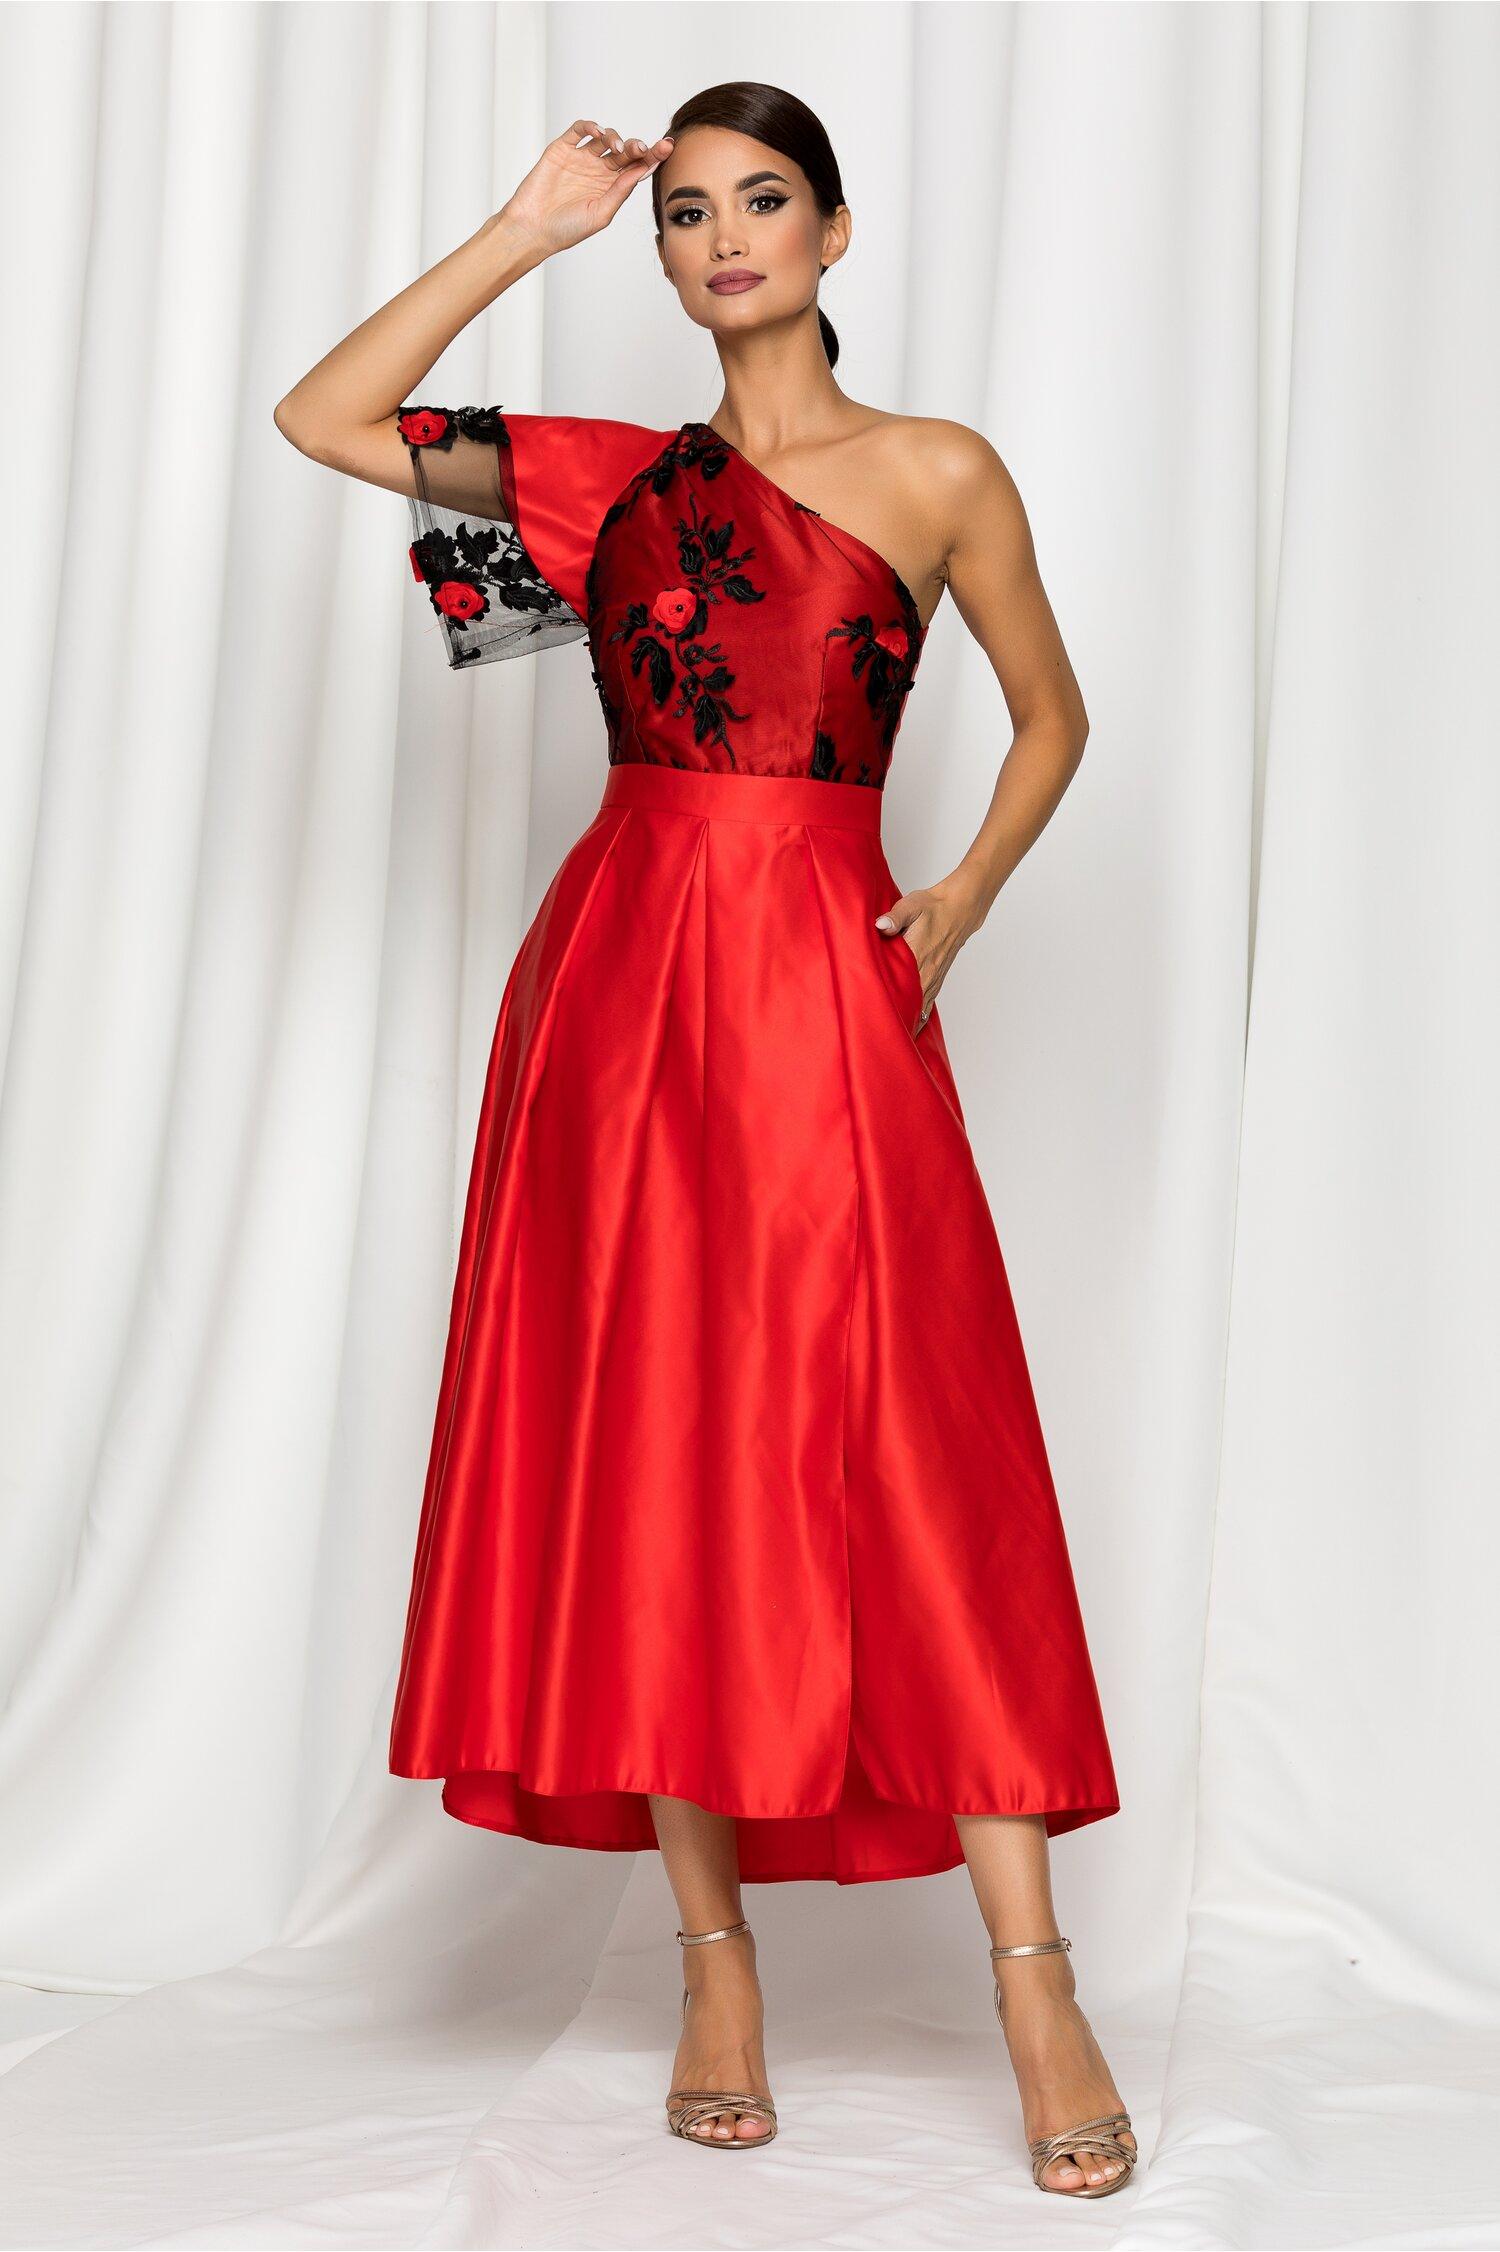 Rochie Moze rosie din tafta cu broderie florala paietata la bust